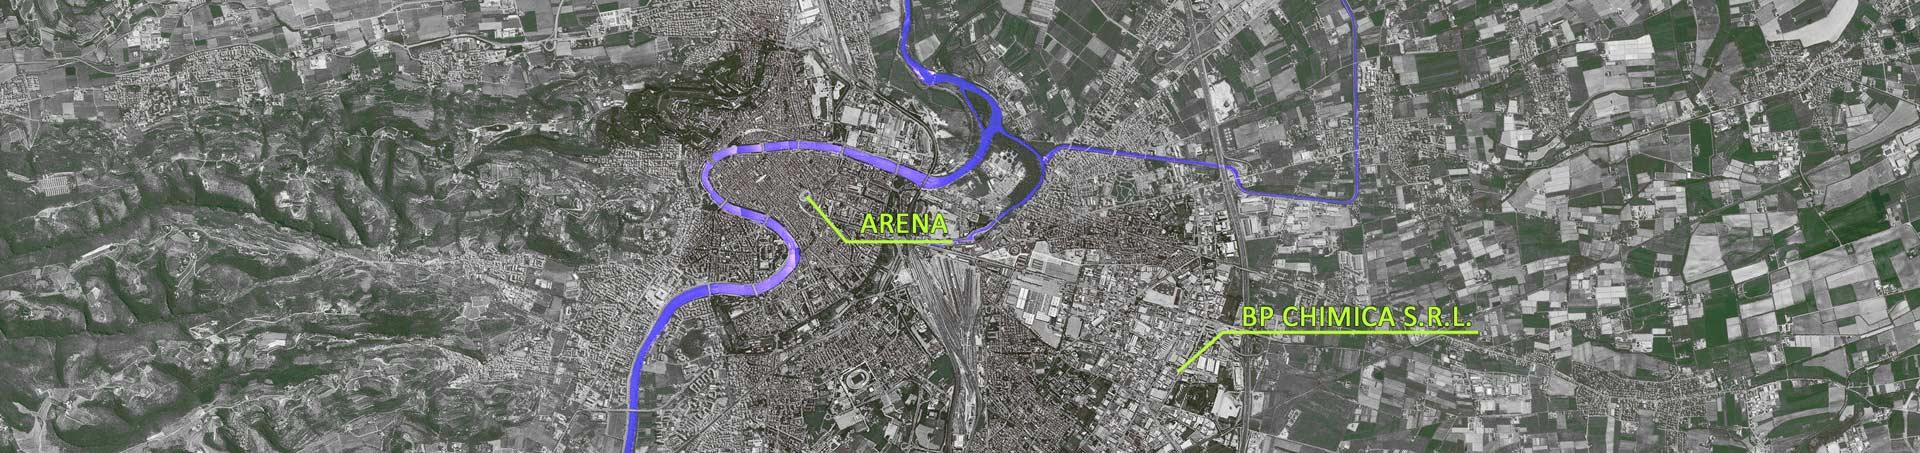 bp chimica servizi industria e artigianato a Verona